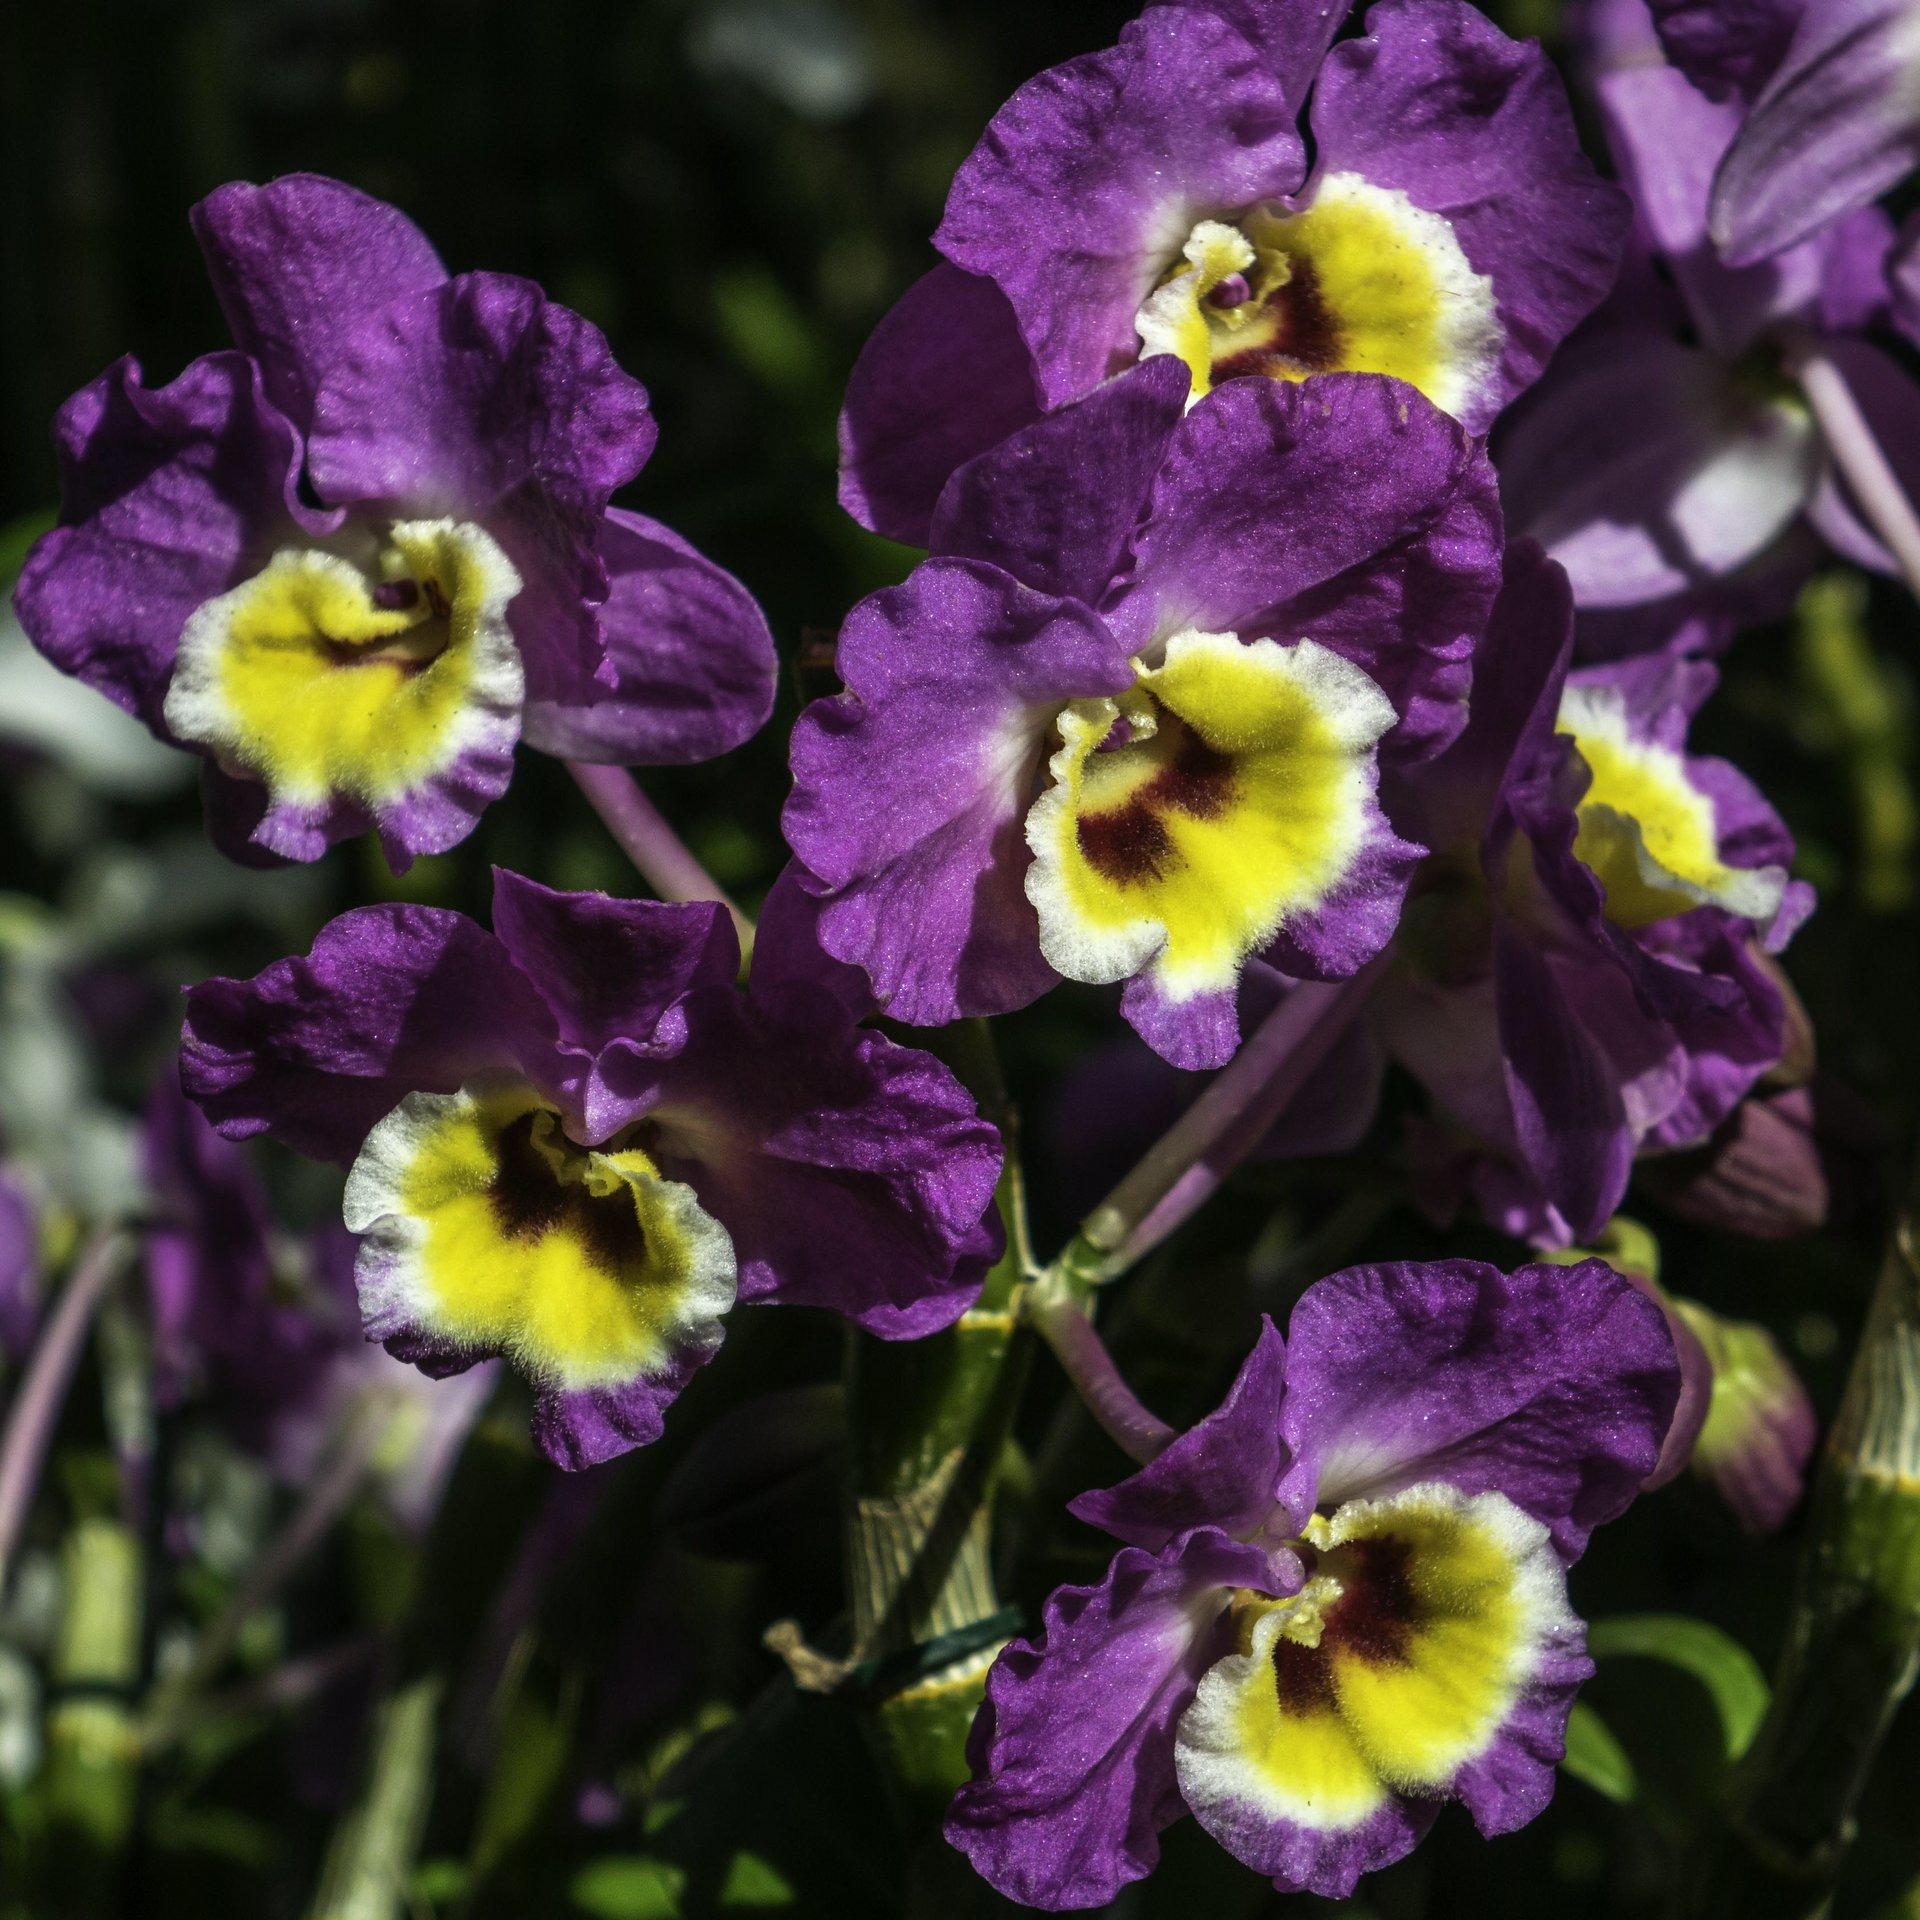 Orchideen im Orchideenhaus des Berggartens